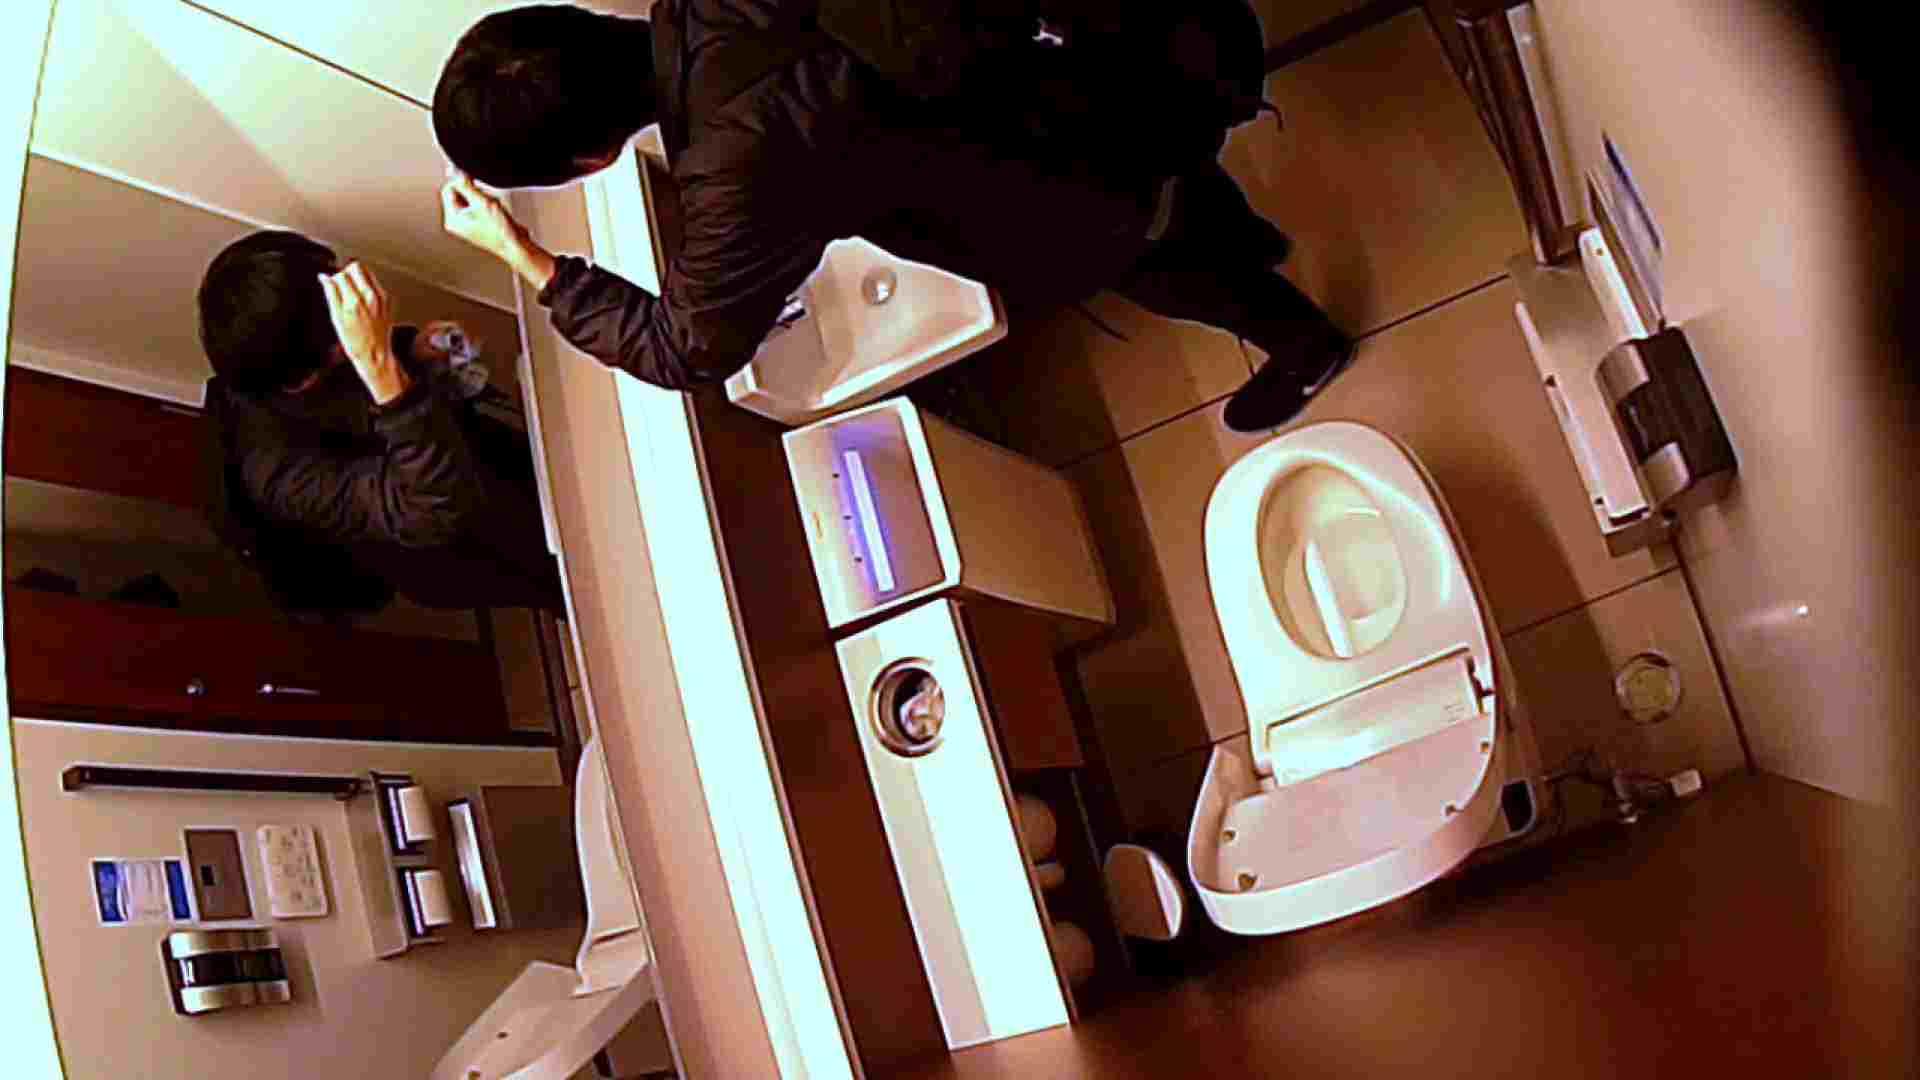 すみませんが覗かせてください Vol.32 トイレ | 0  61連発 53